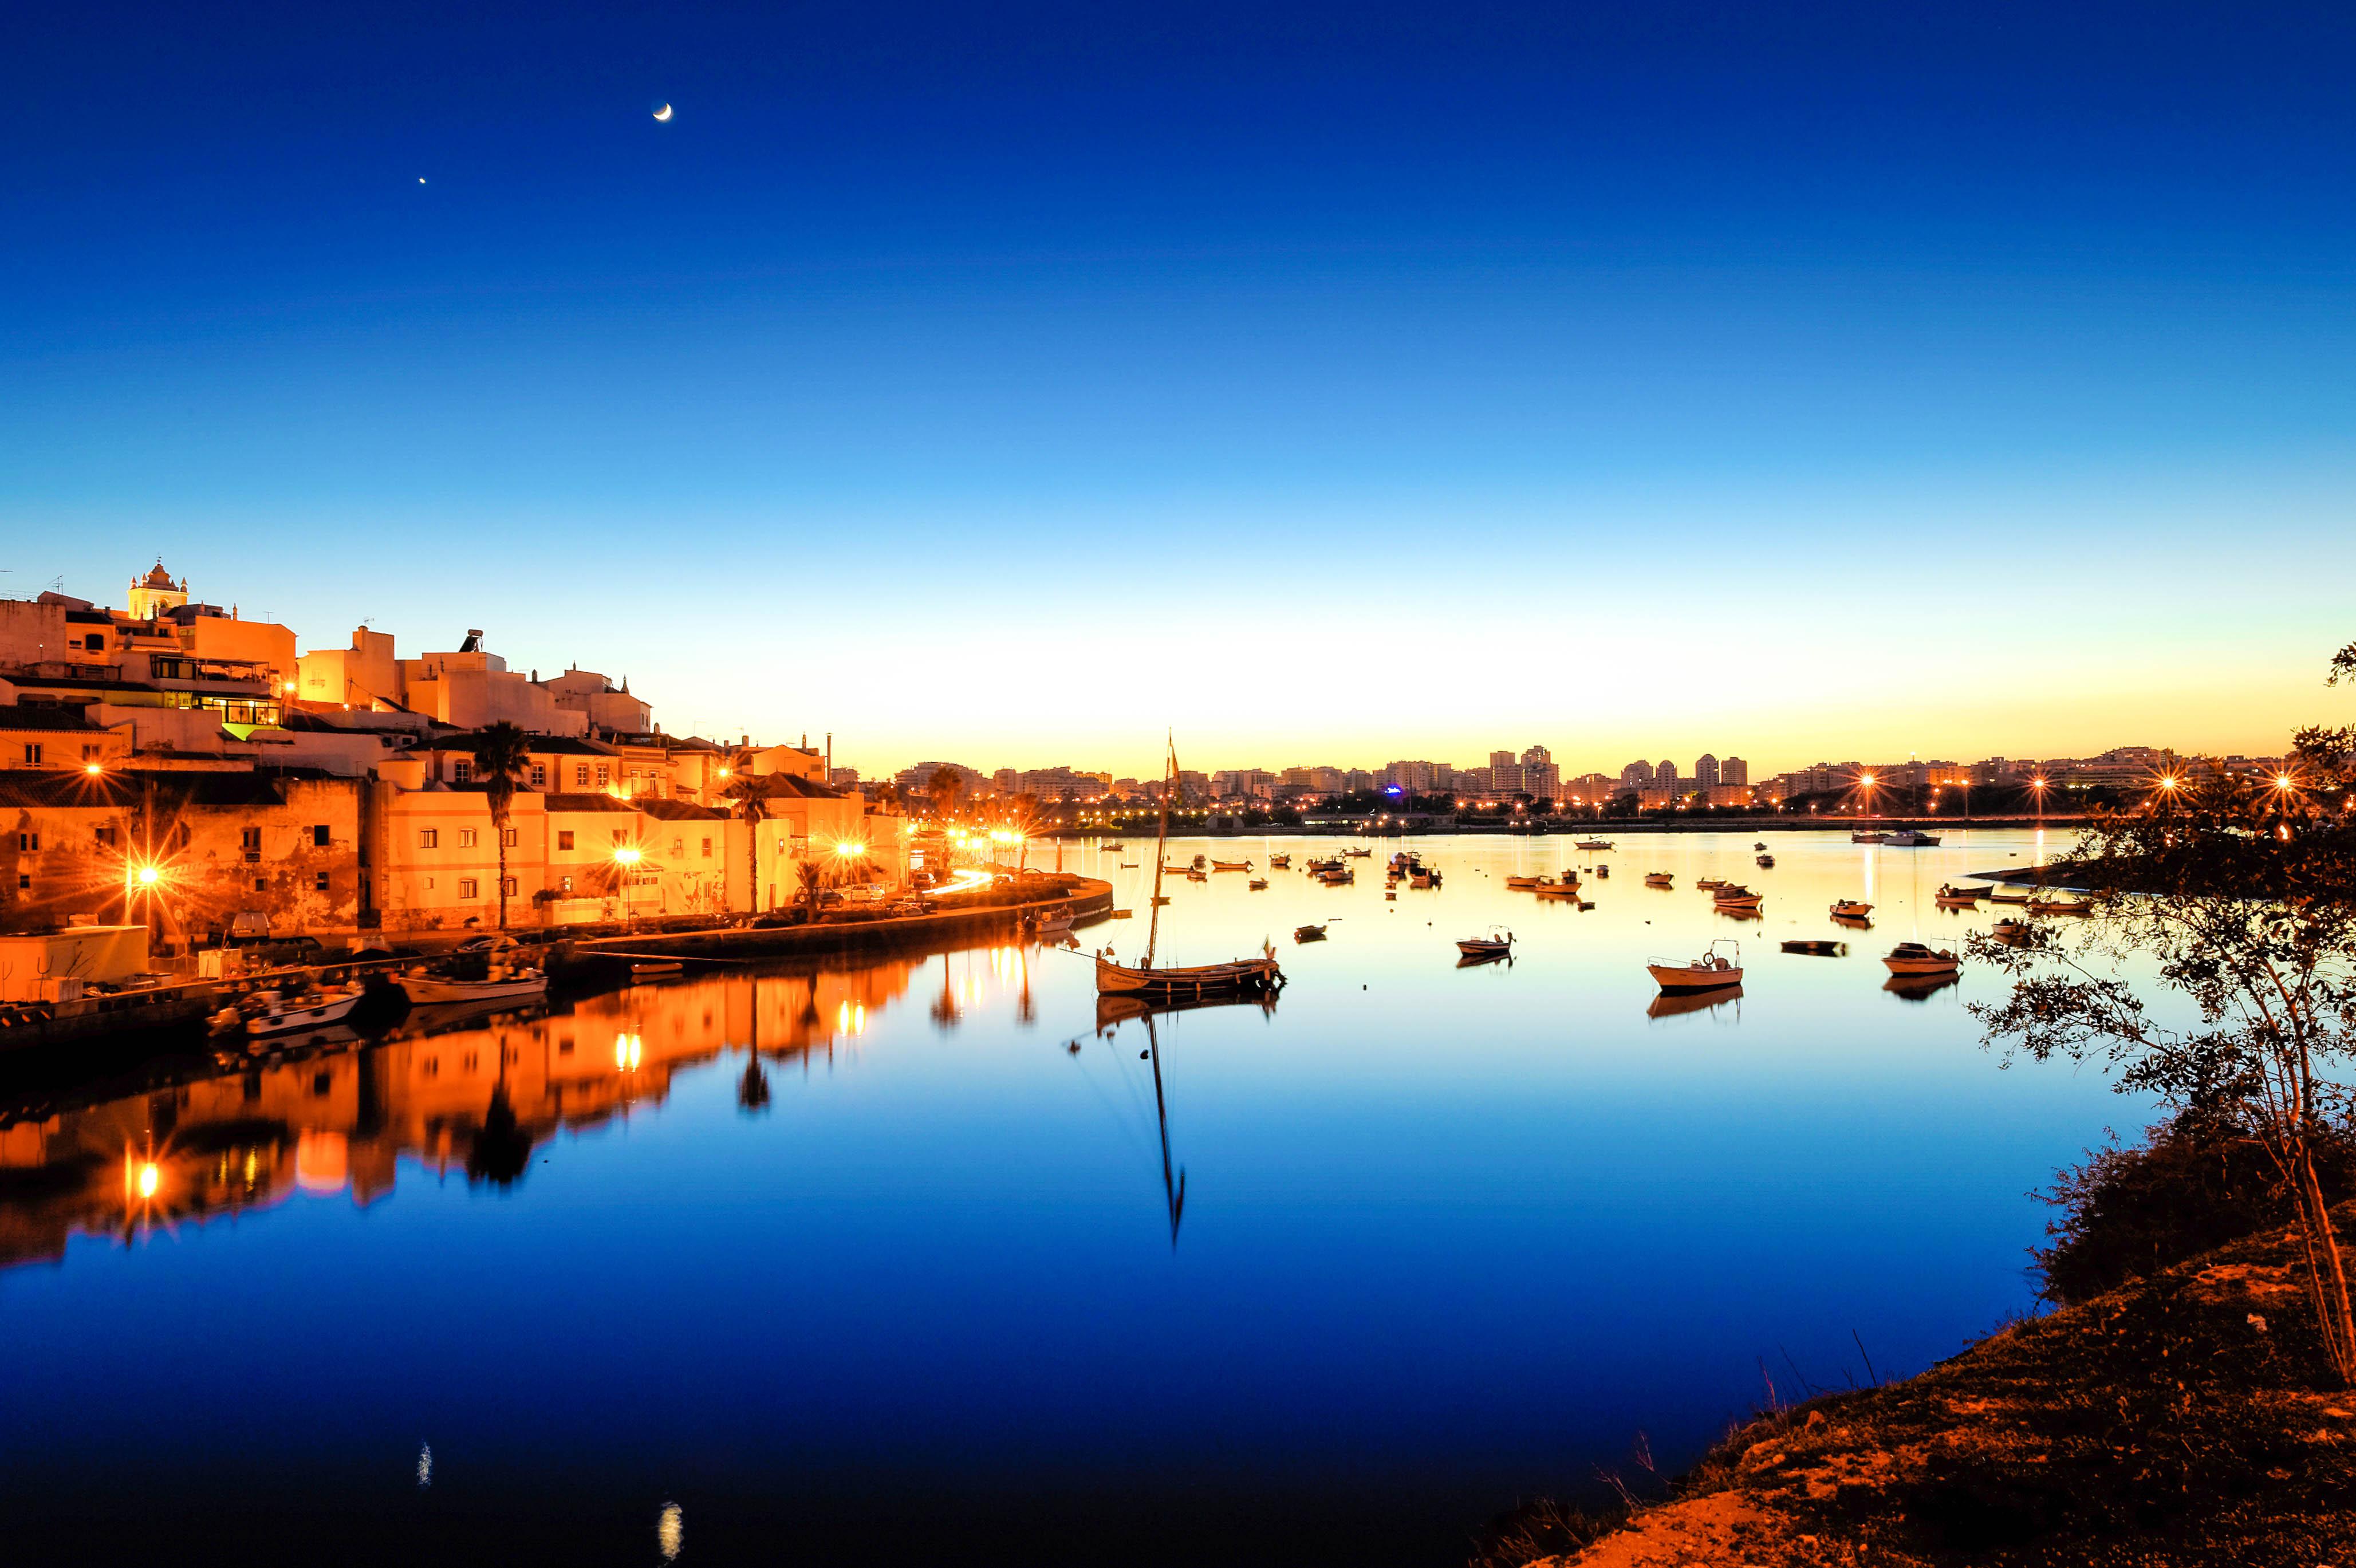 #00308B23485804 De Prachtige Algarve Holidayguru.nl Meest effectief Luxe Vakantie Portugal 3705 behang 411427383705 afbeeldingen